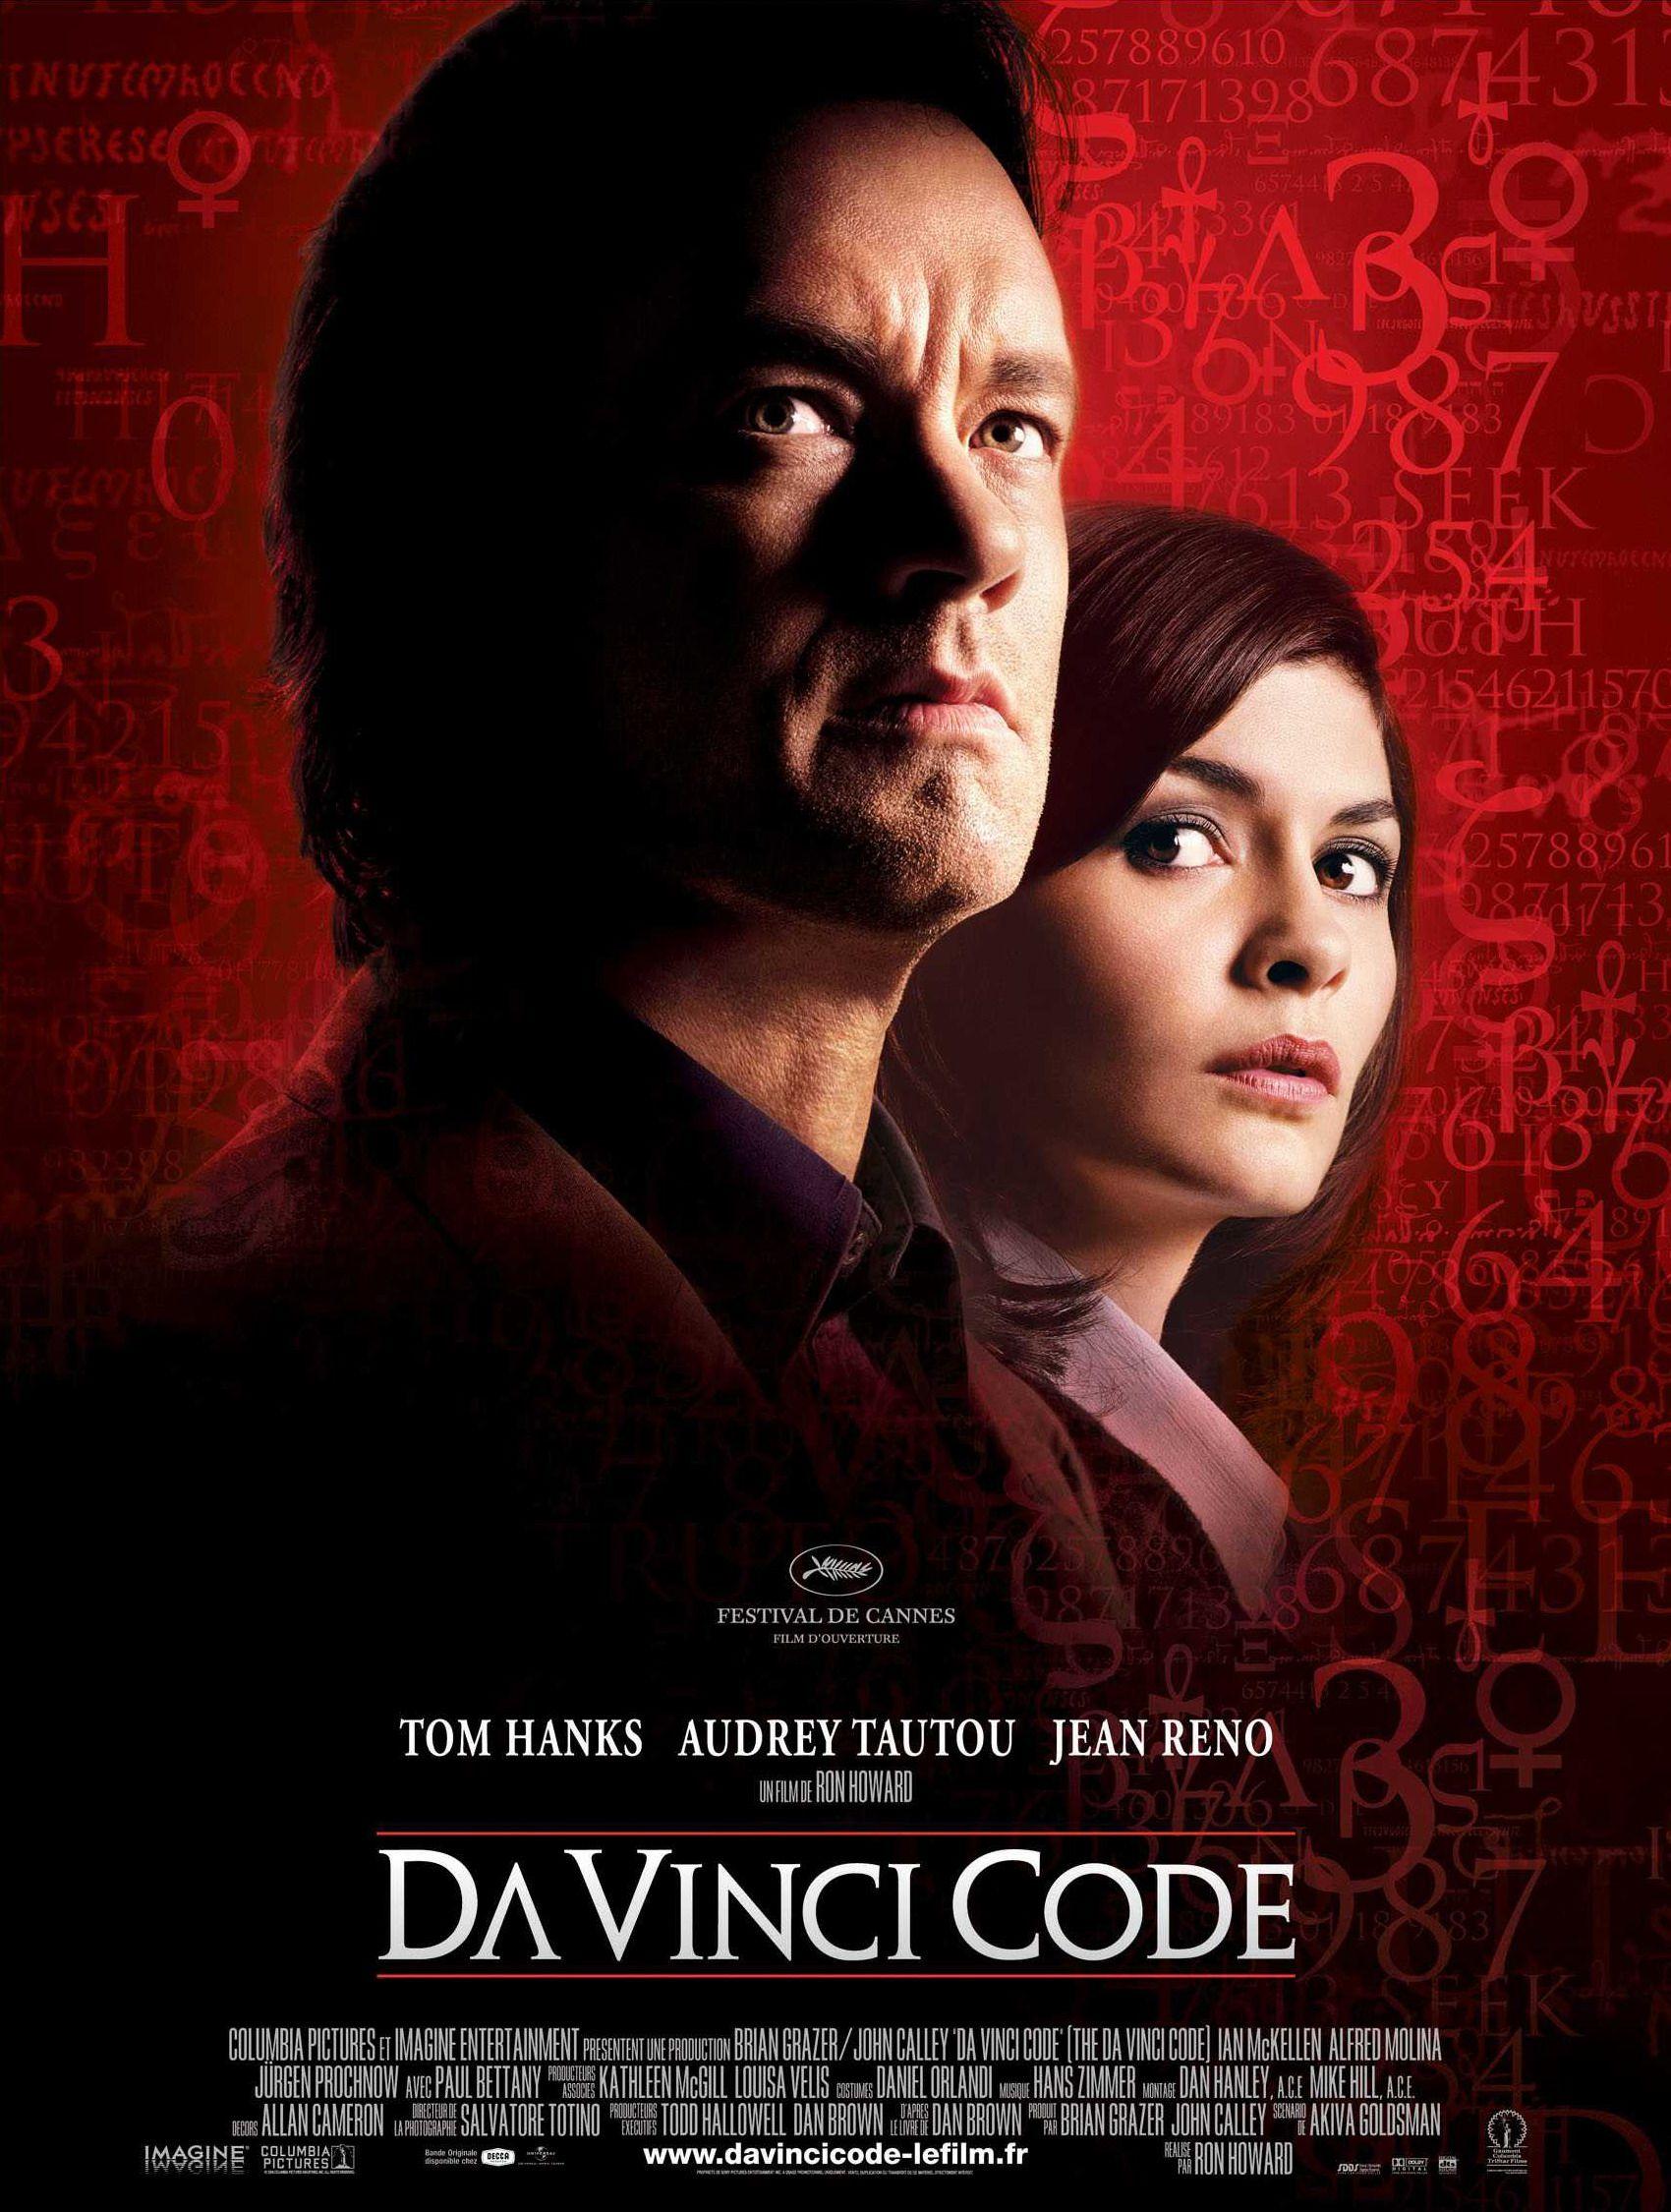 El Codigo Da Vinci Code Movie Movie Posters Film Movie